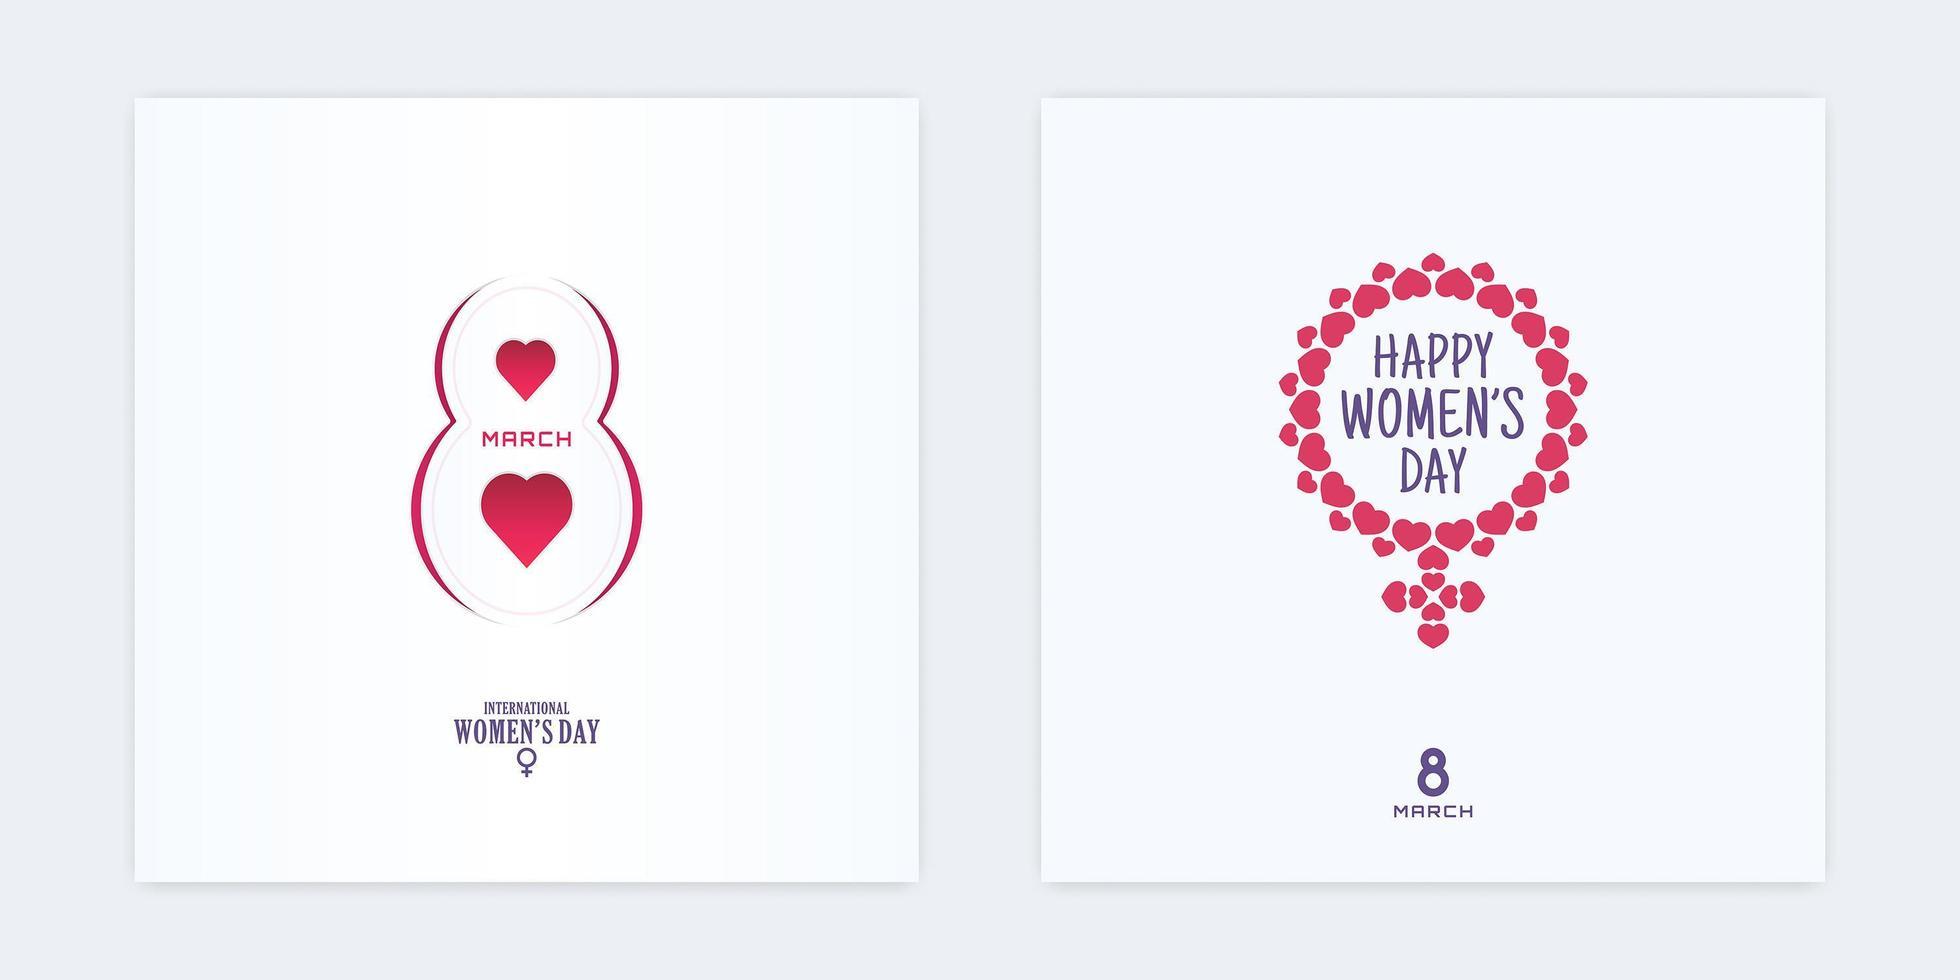 8 marzo carta tagliata banner giorno delle donne cornice a forma di cuore vettore